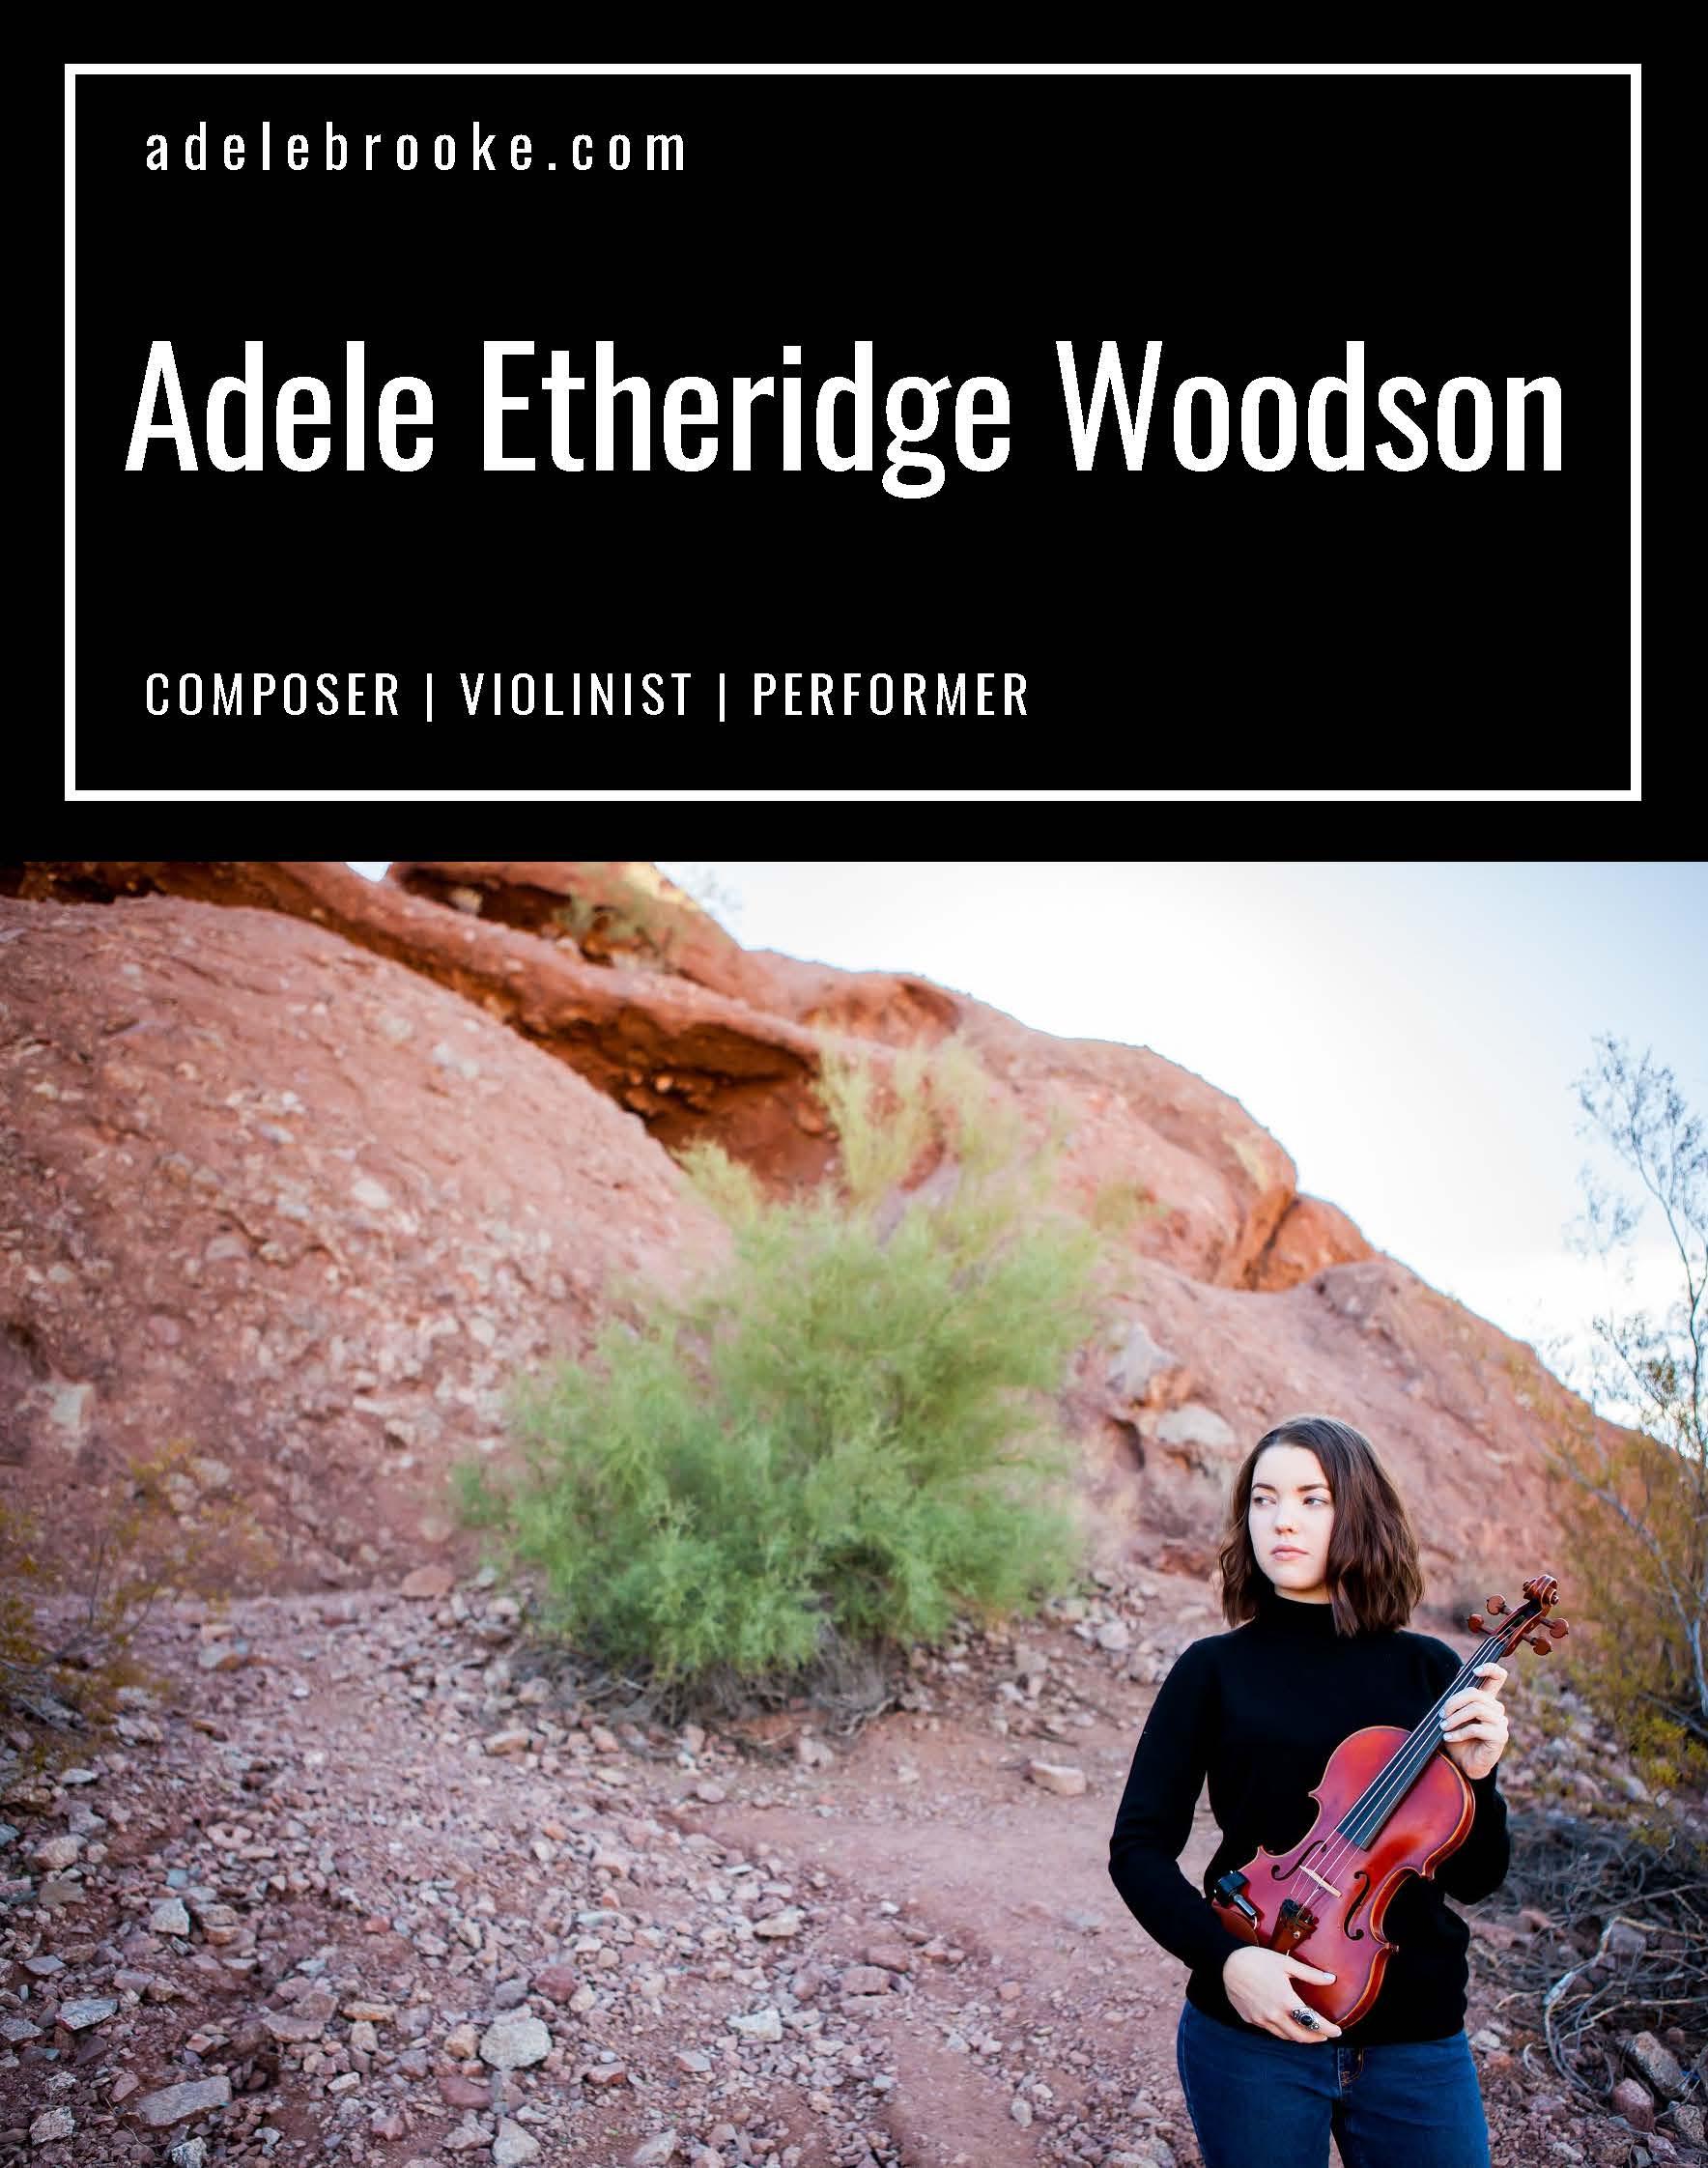 Press Kit (Adele Etheridge Woodson)_Page_1.jpg